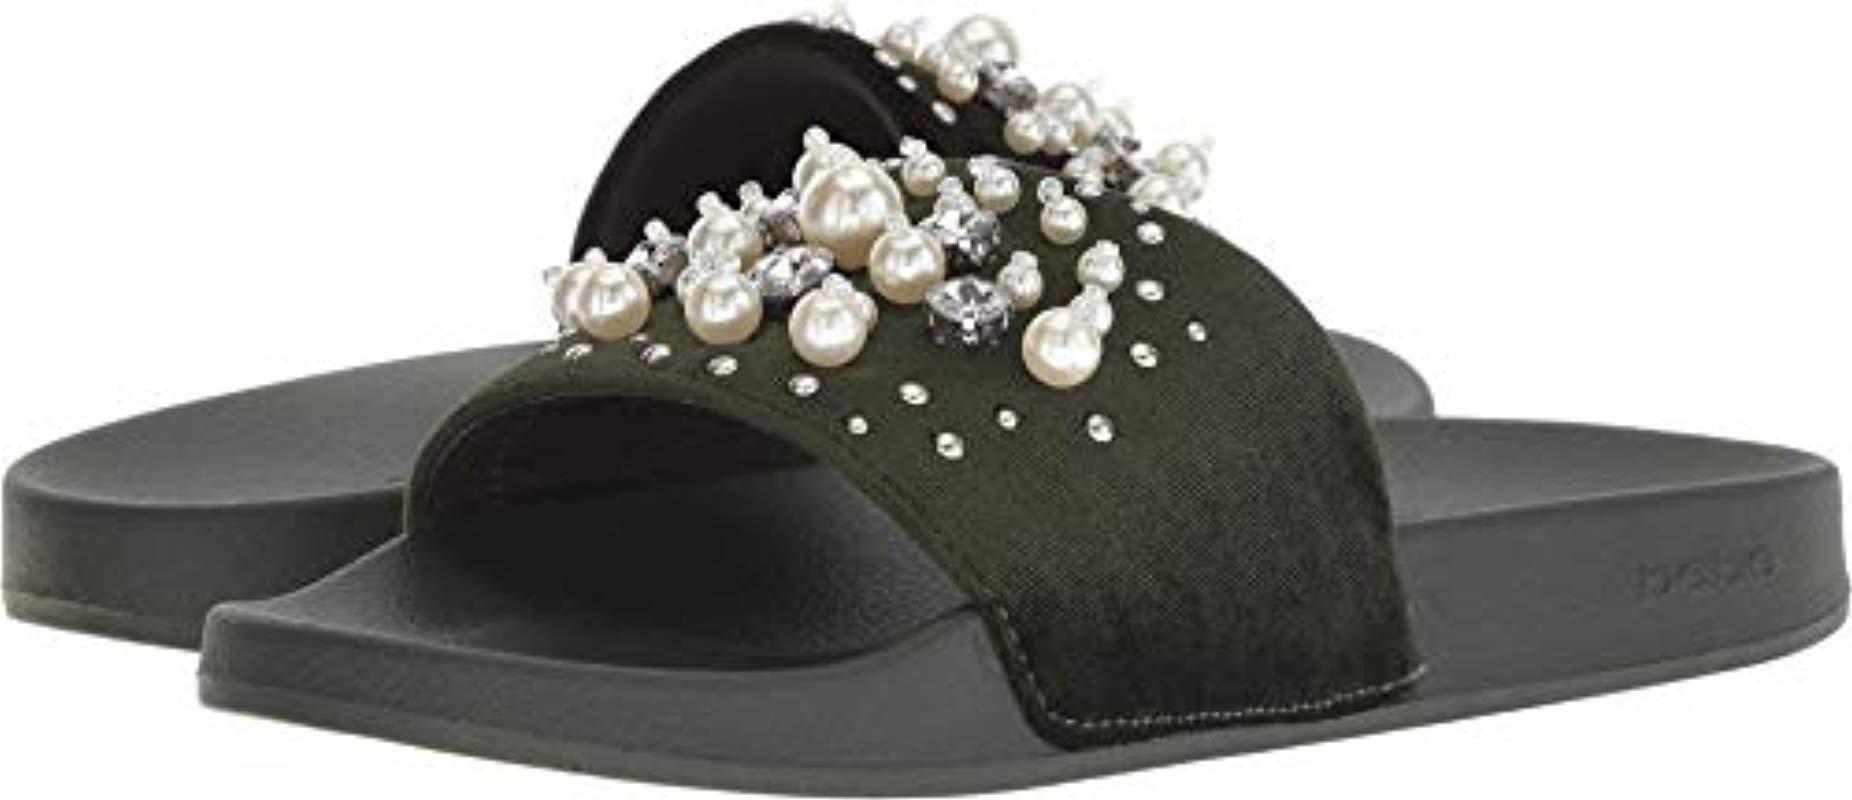 b76860acc93 Bebe Womens Fenix Open Toe Casual Slide Sandals